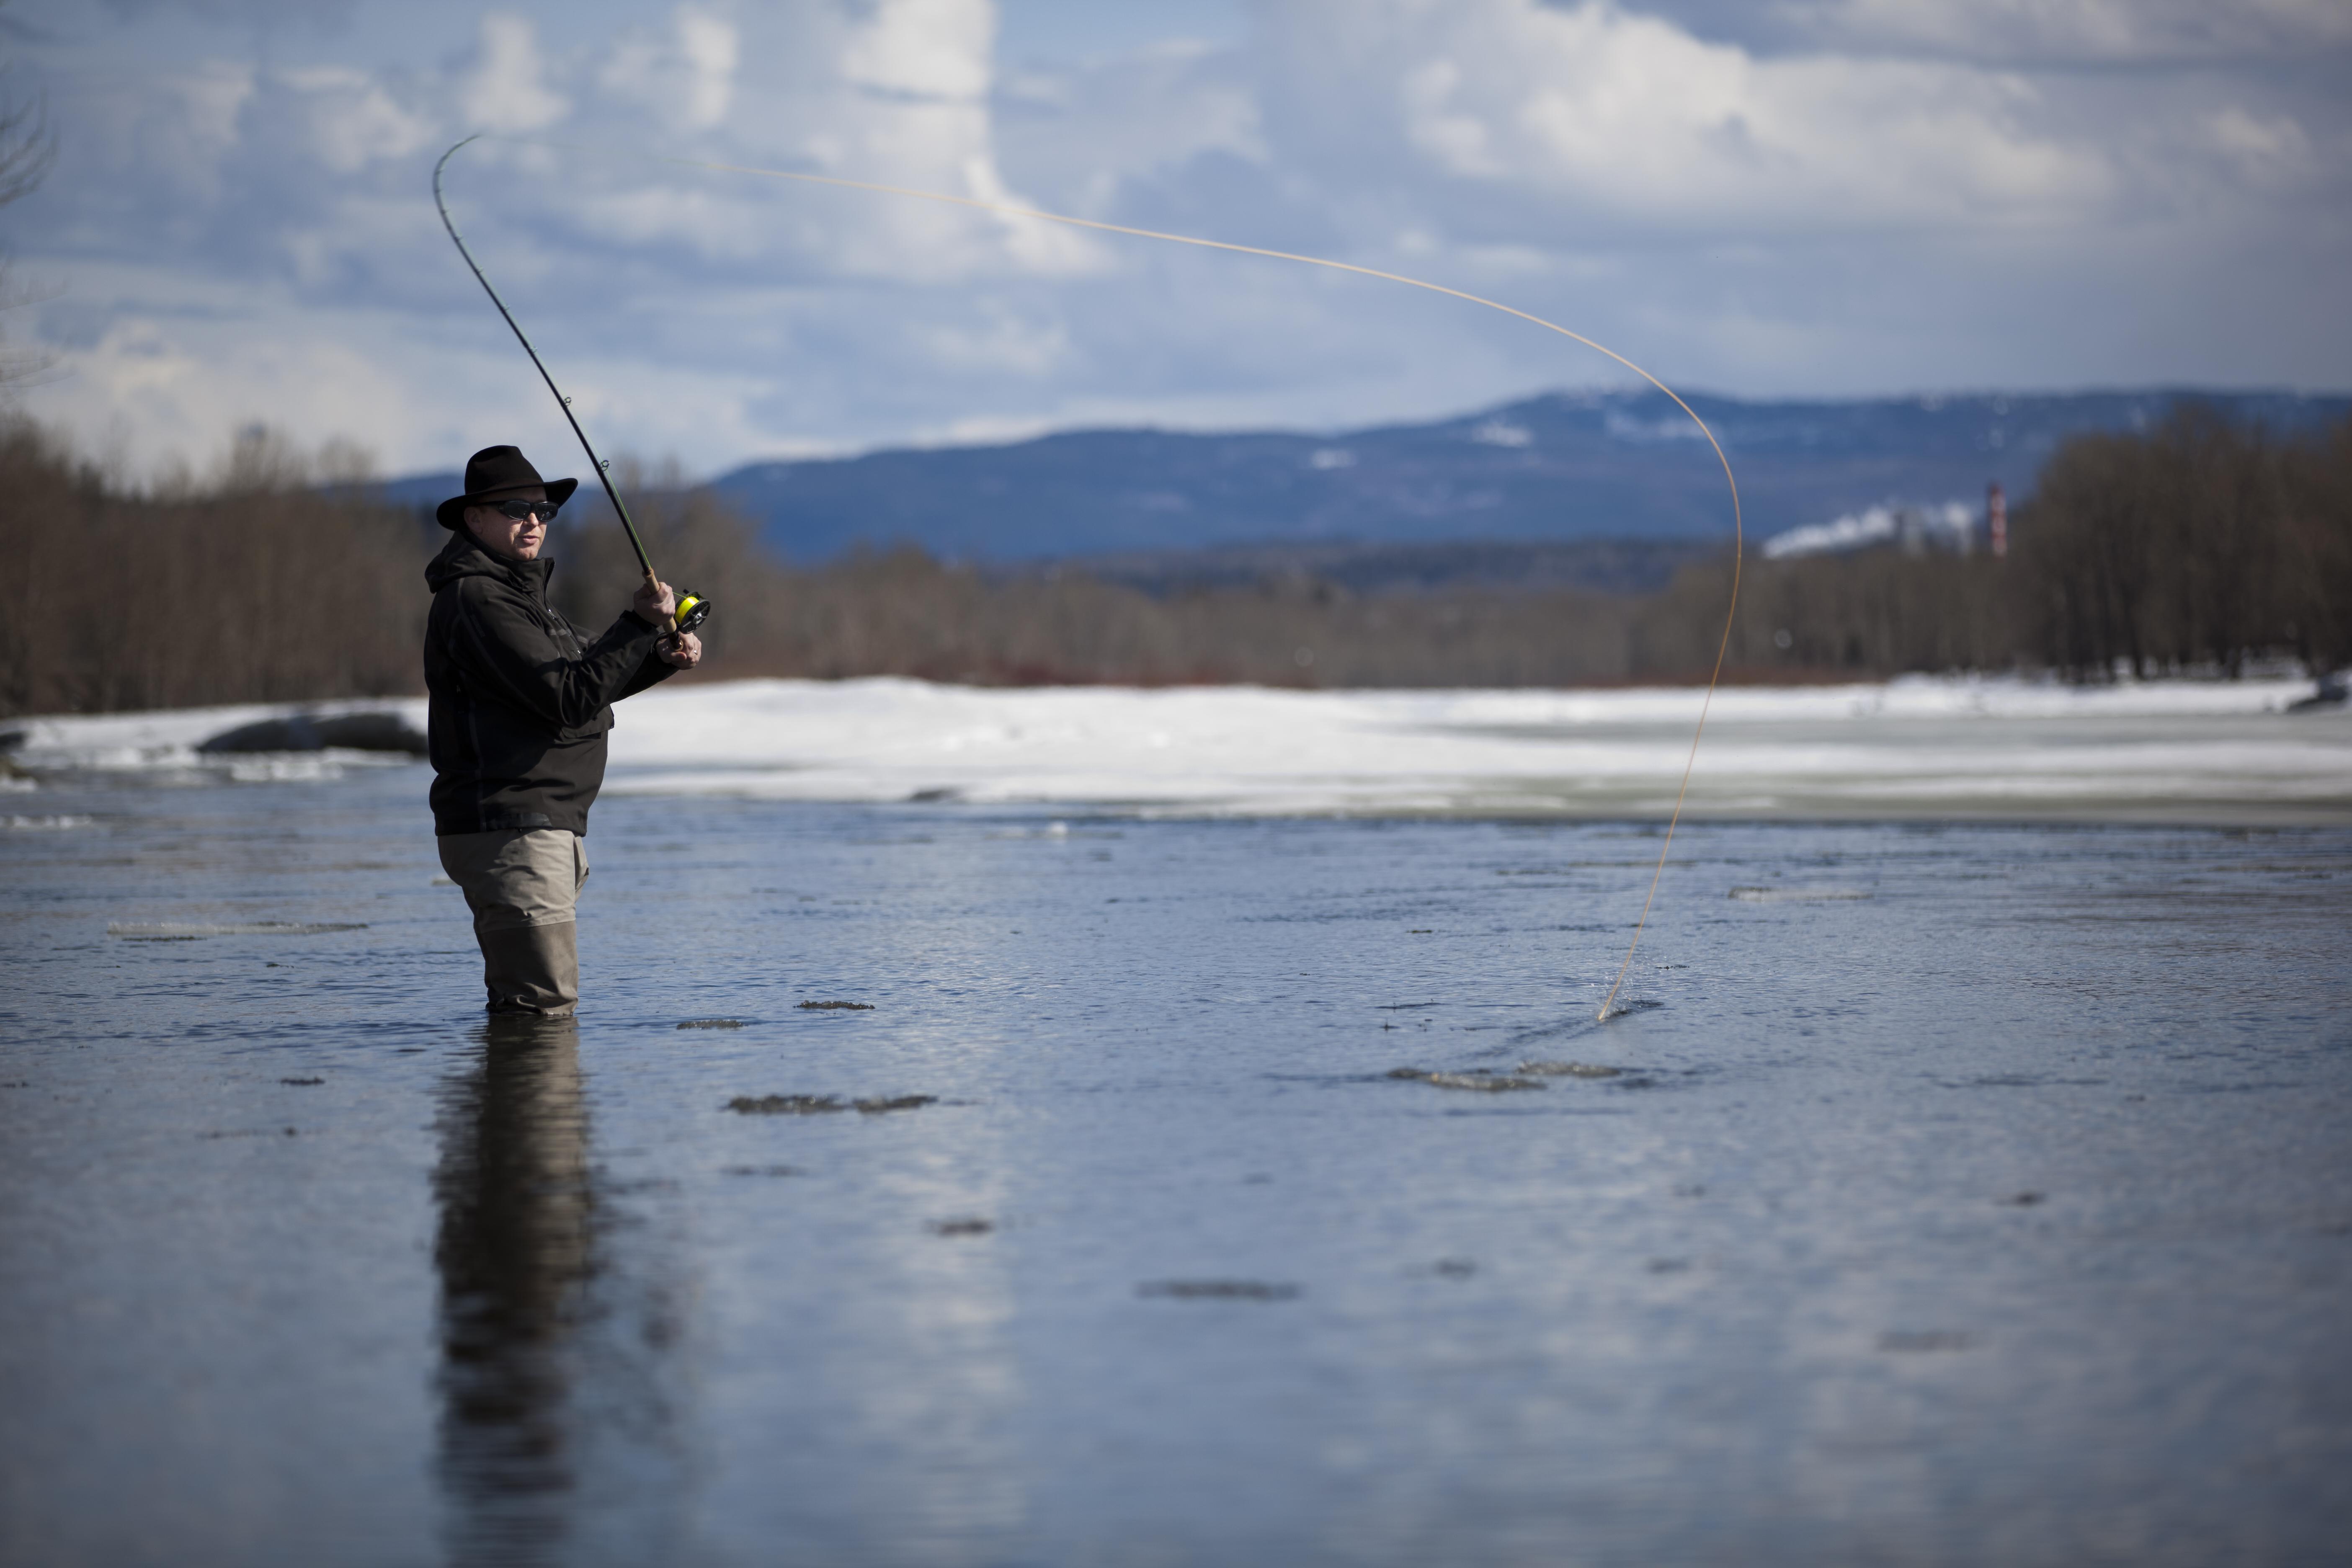 Fishing on the Nechako River